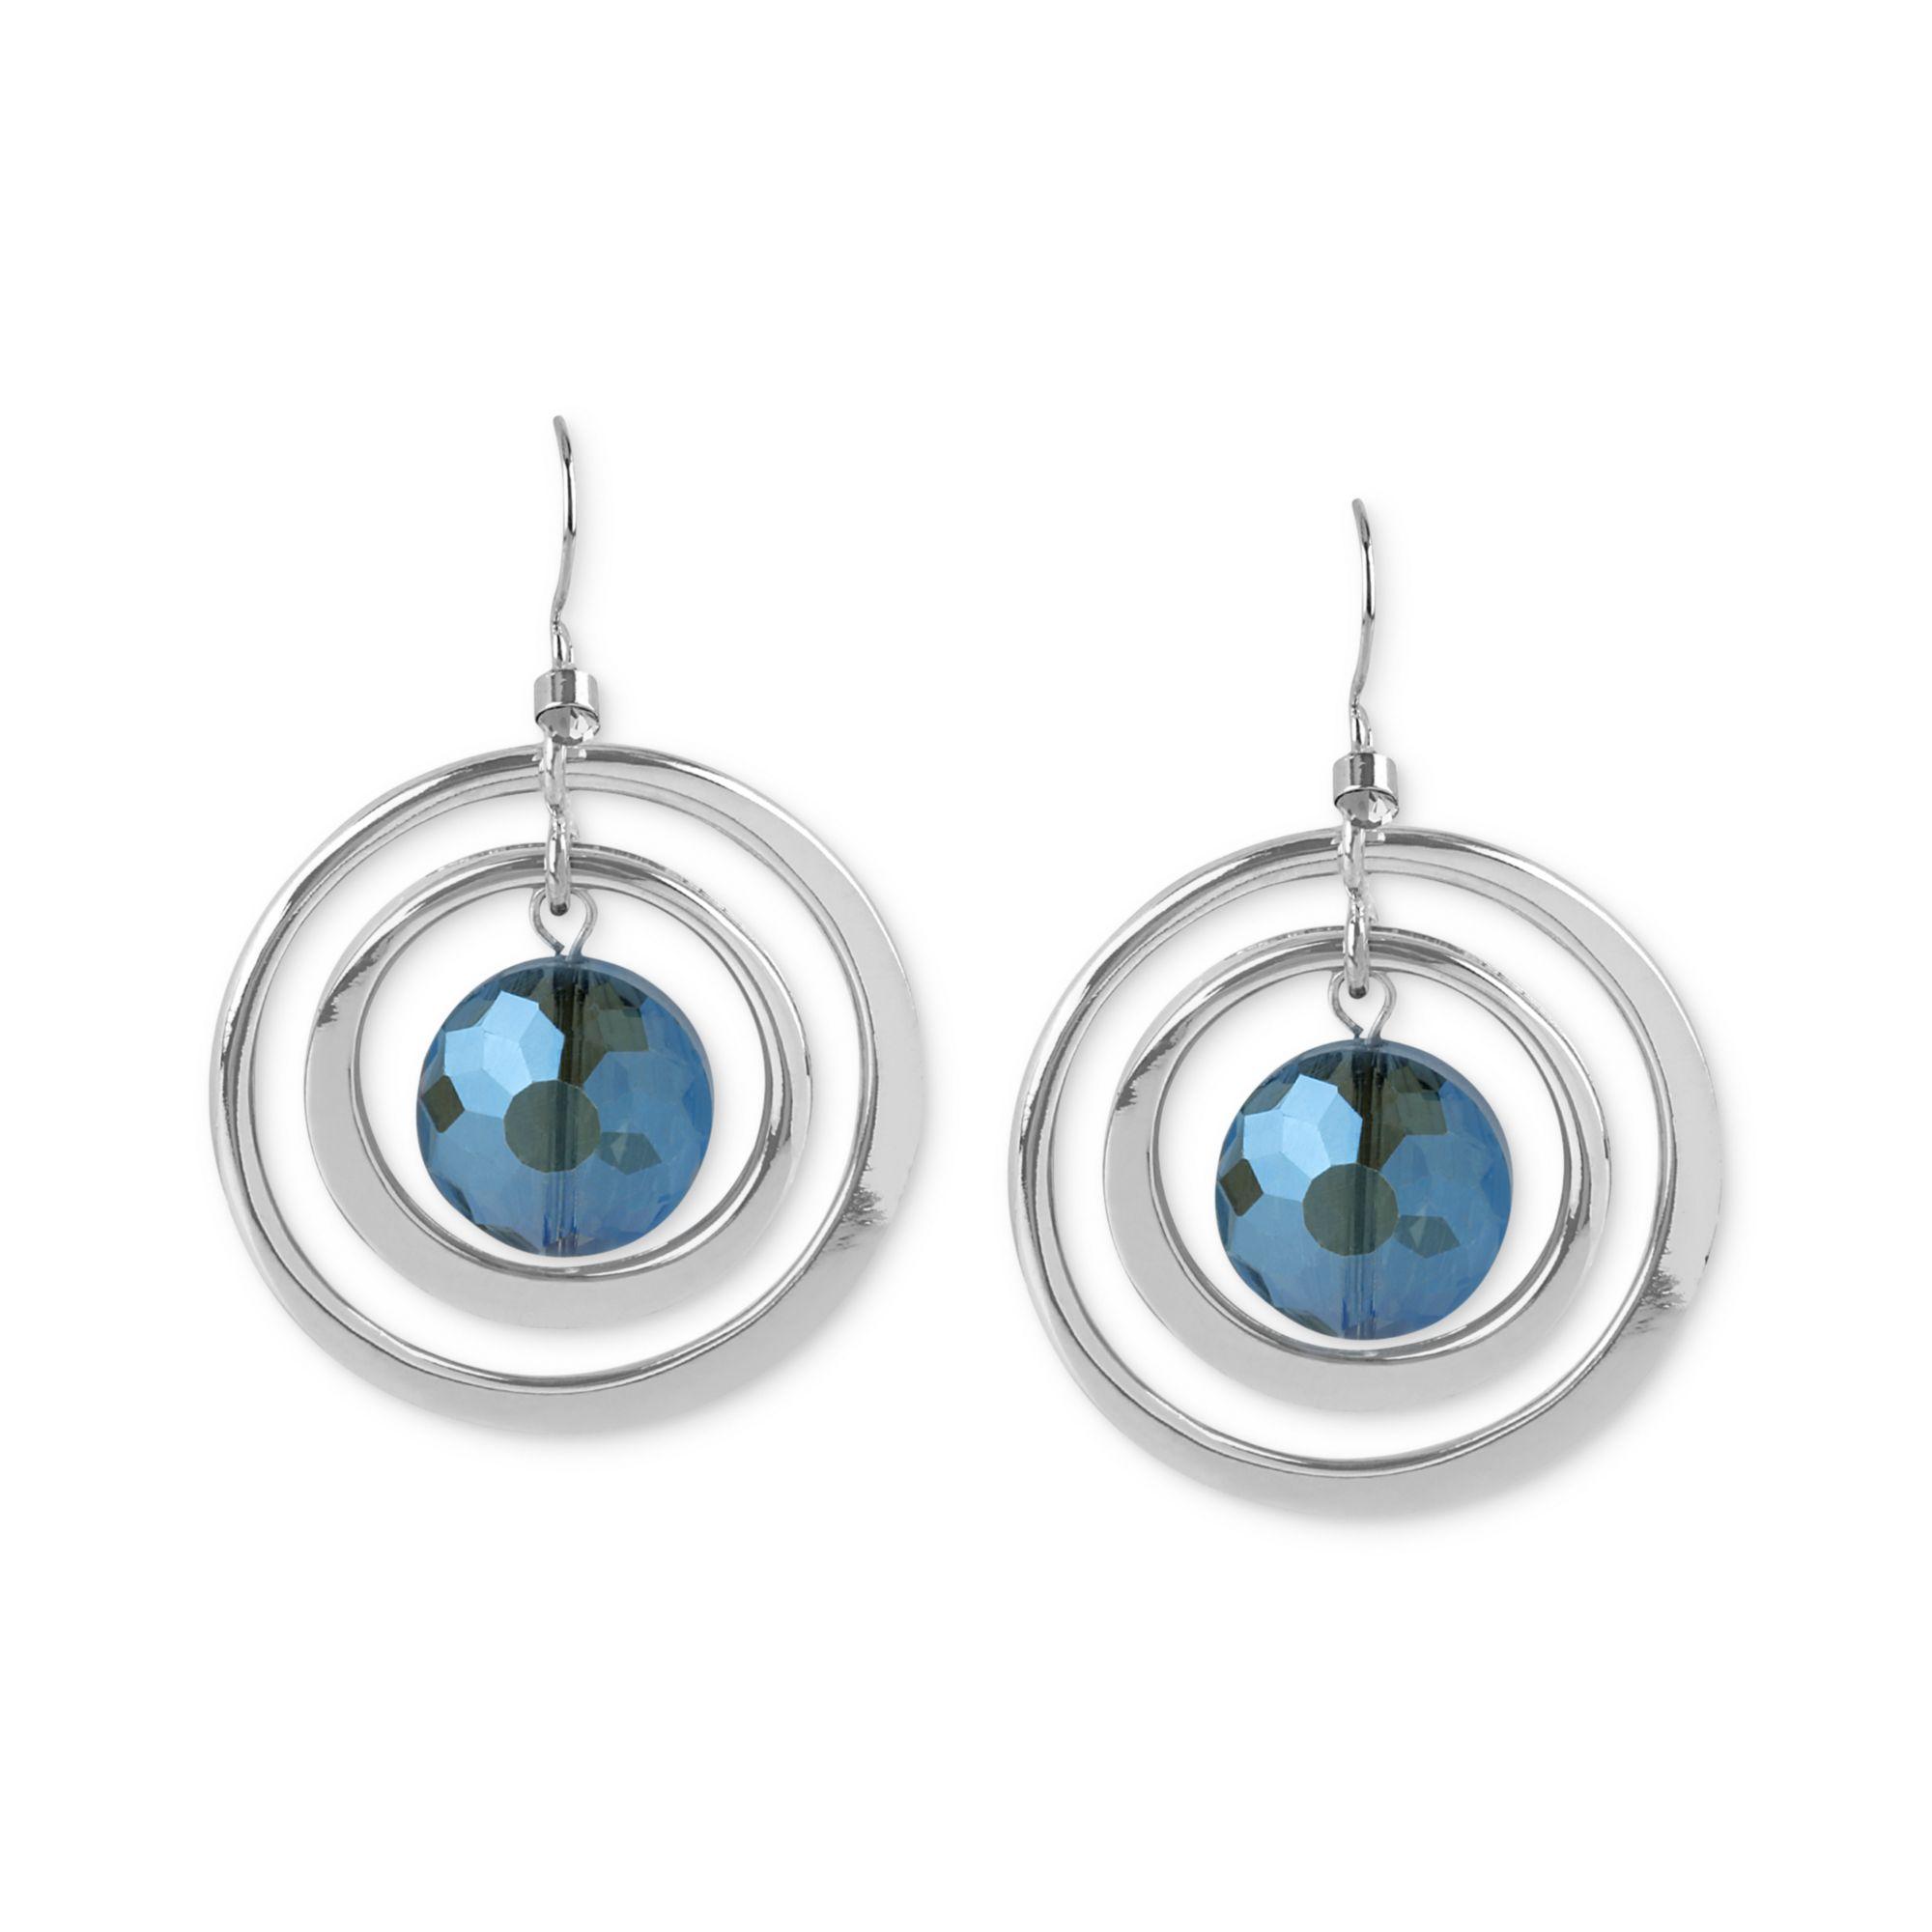 kenneth cole silvertone faceted bead orbital earrings in